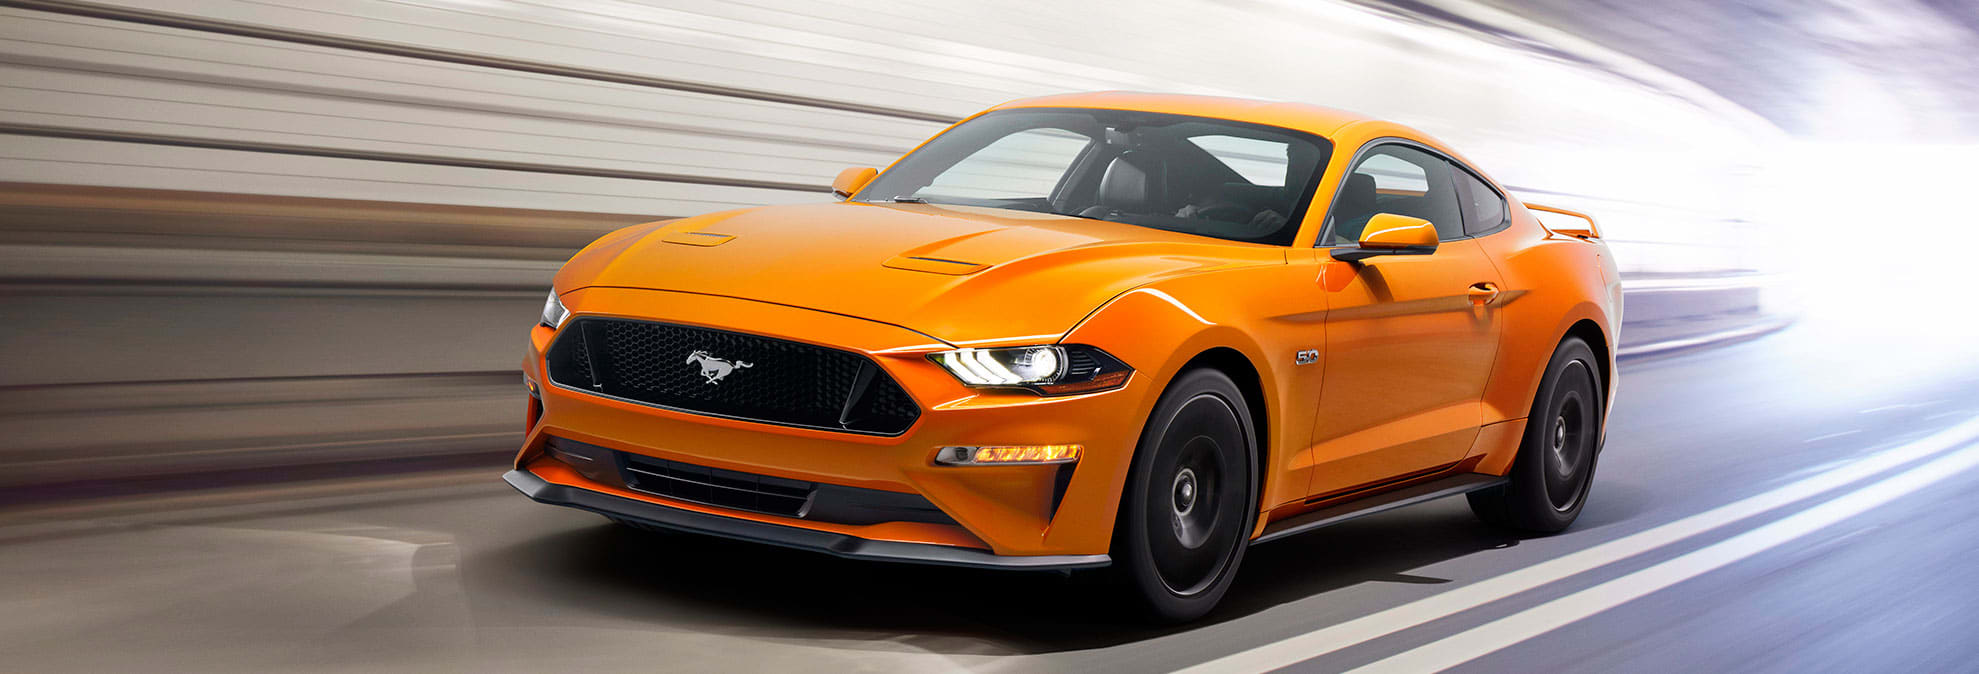 Automotive Paint Car Paint Colors Consumer Reports